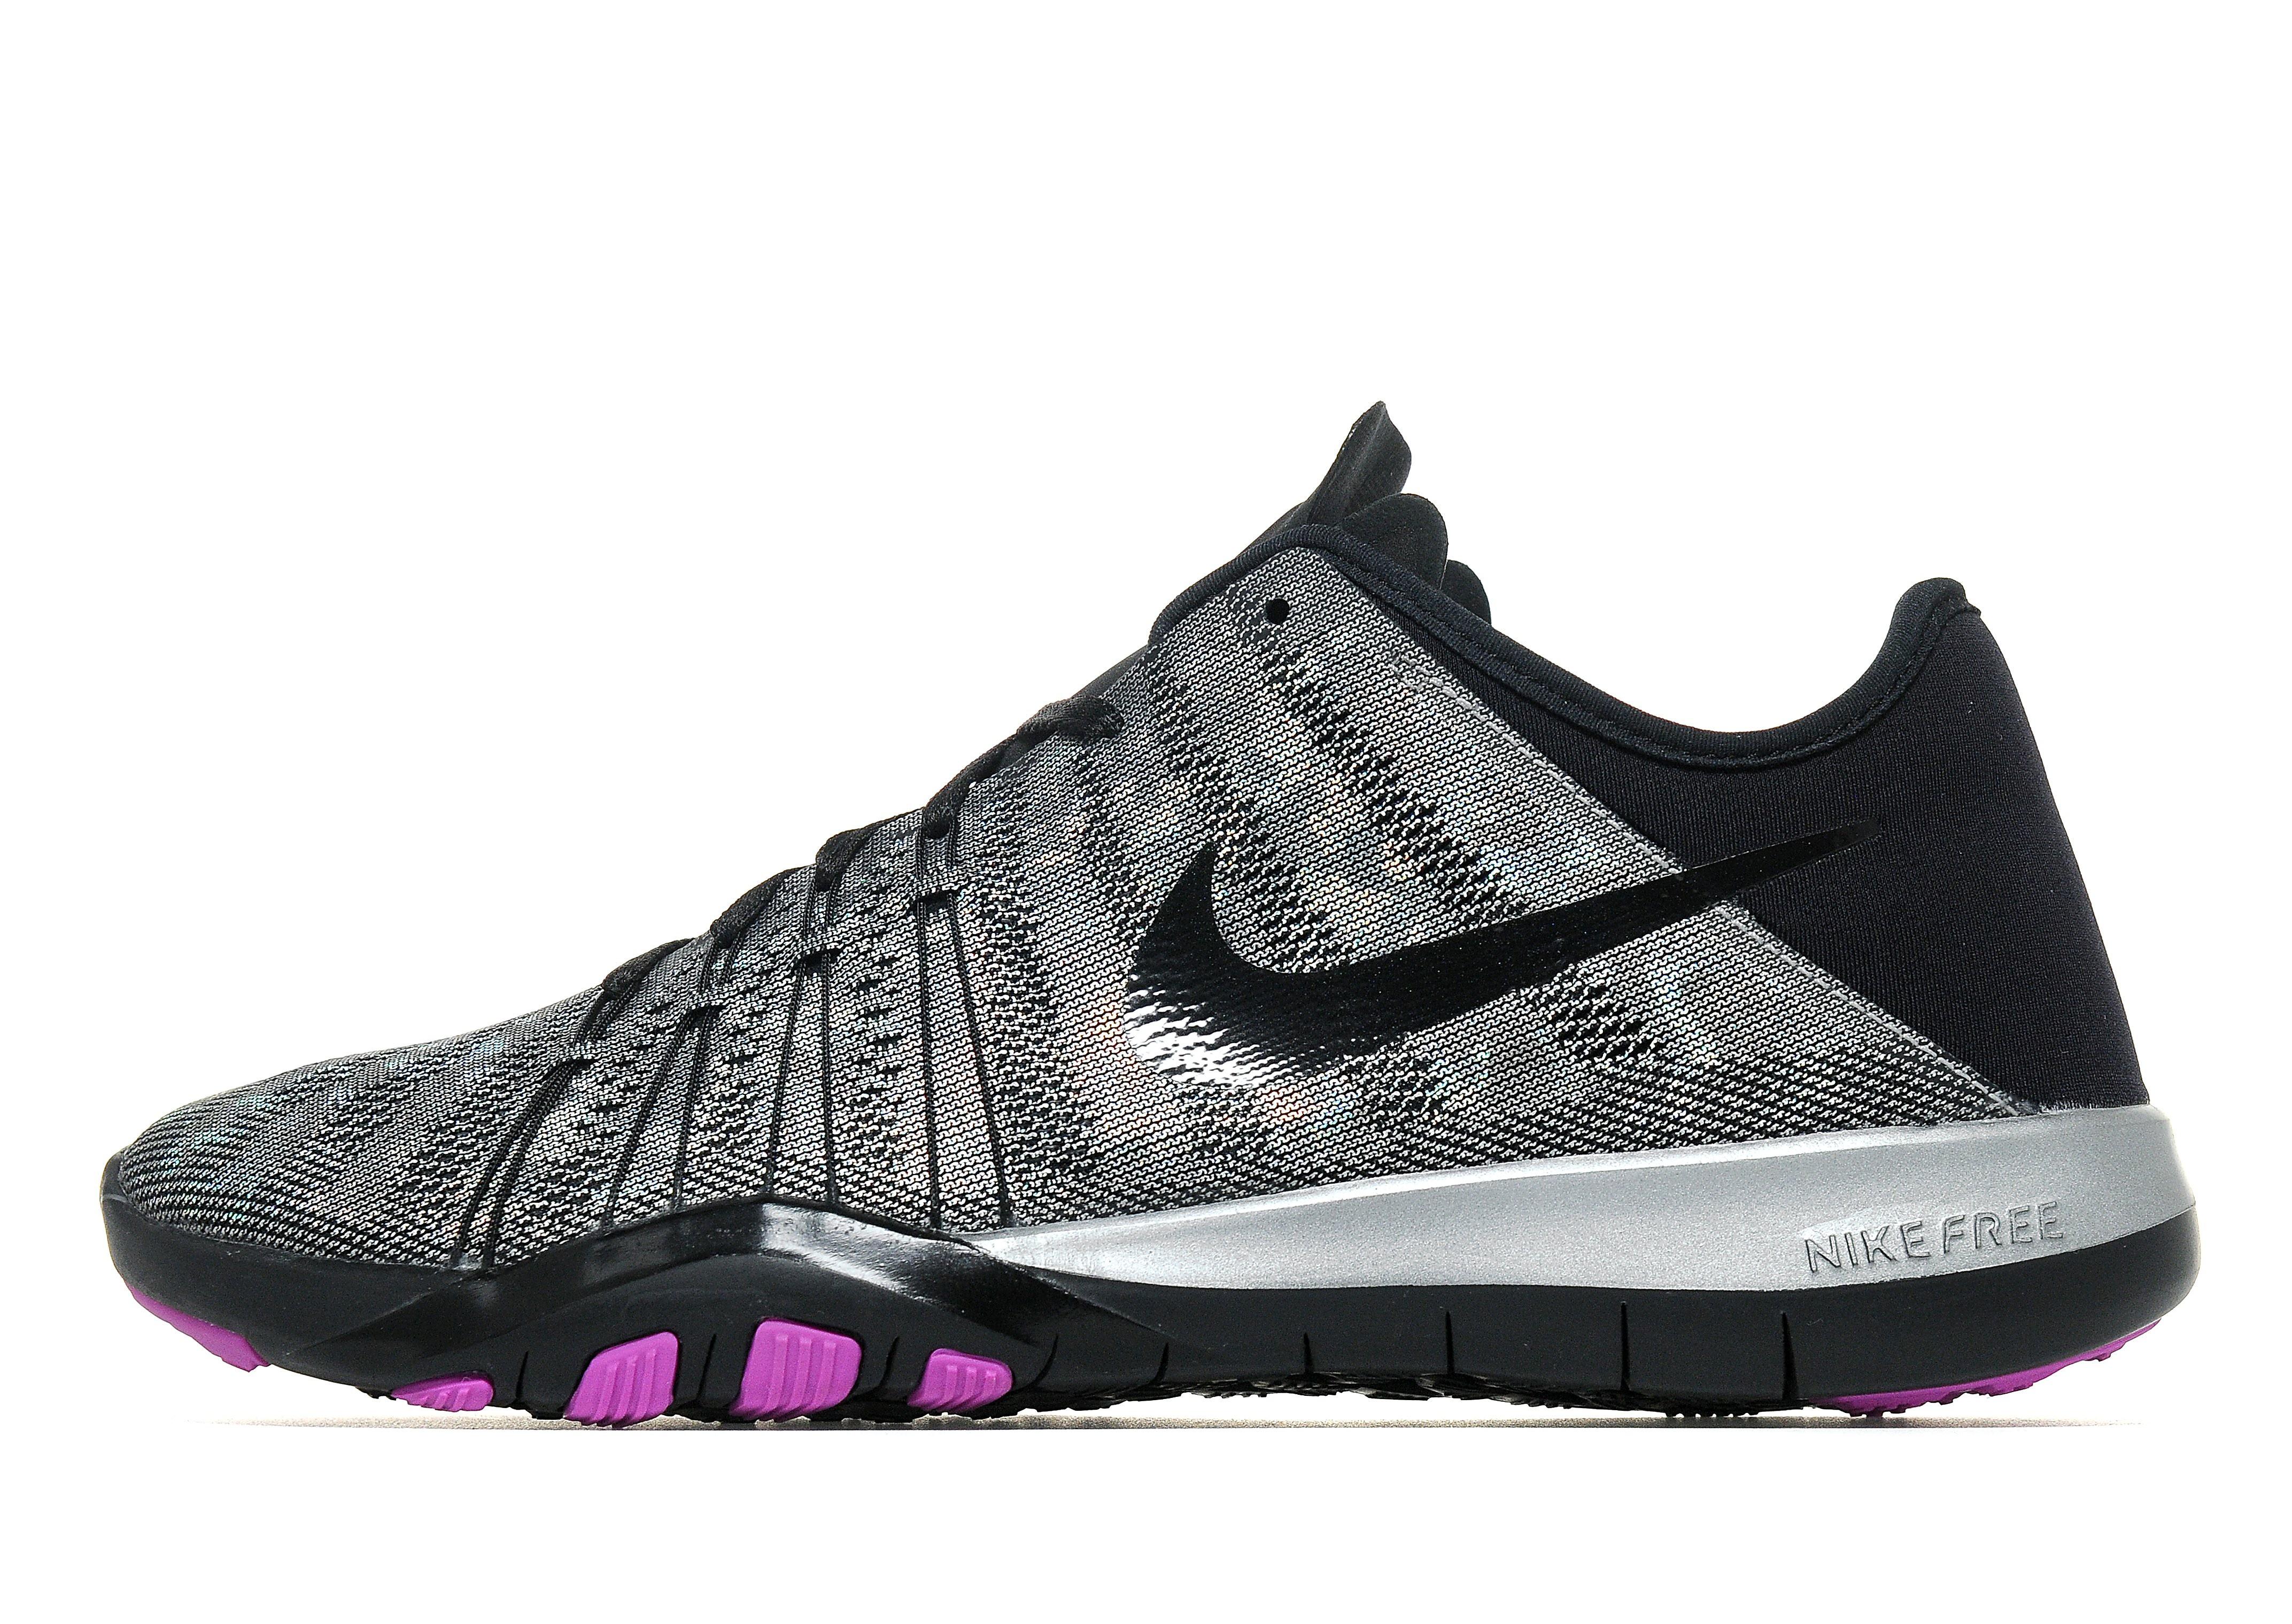 Nike Free TR 6 Metallisk til Kvinder